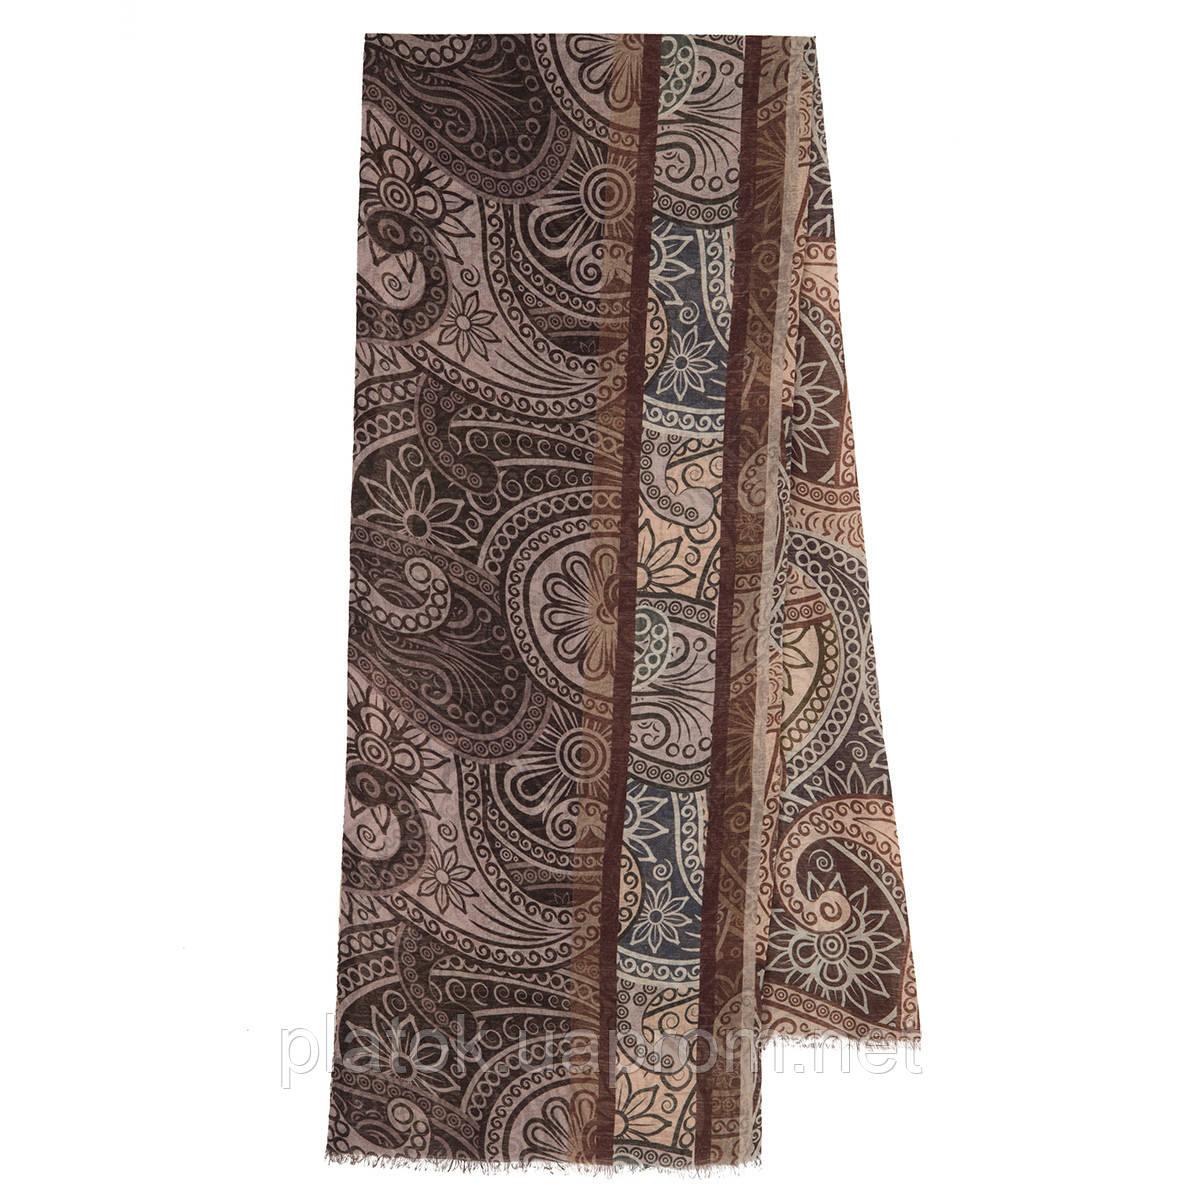 Кашне мужское разреженная шерсть 10372-, павлопосадский шарф (кашне) шерстяной (разреженная шерсть) с осыпкой